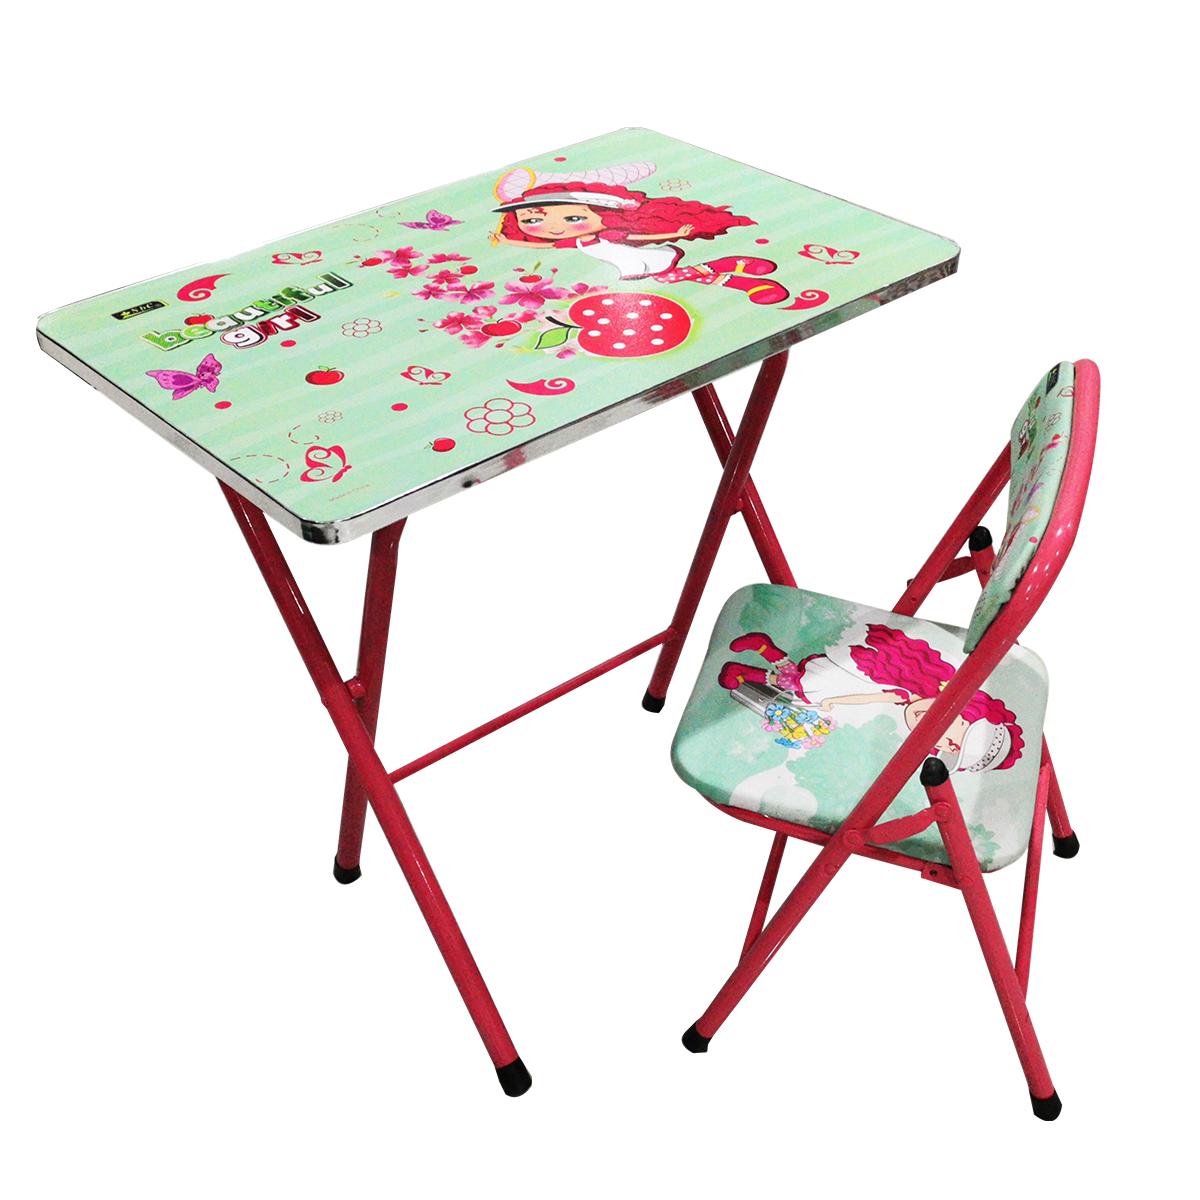 طاولة اطفال مدرسية  خشب بقواعد من الحديد + كرسي   4038-039